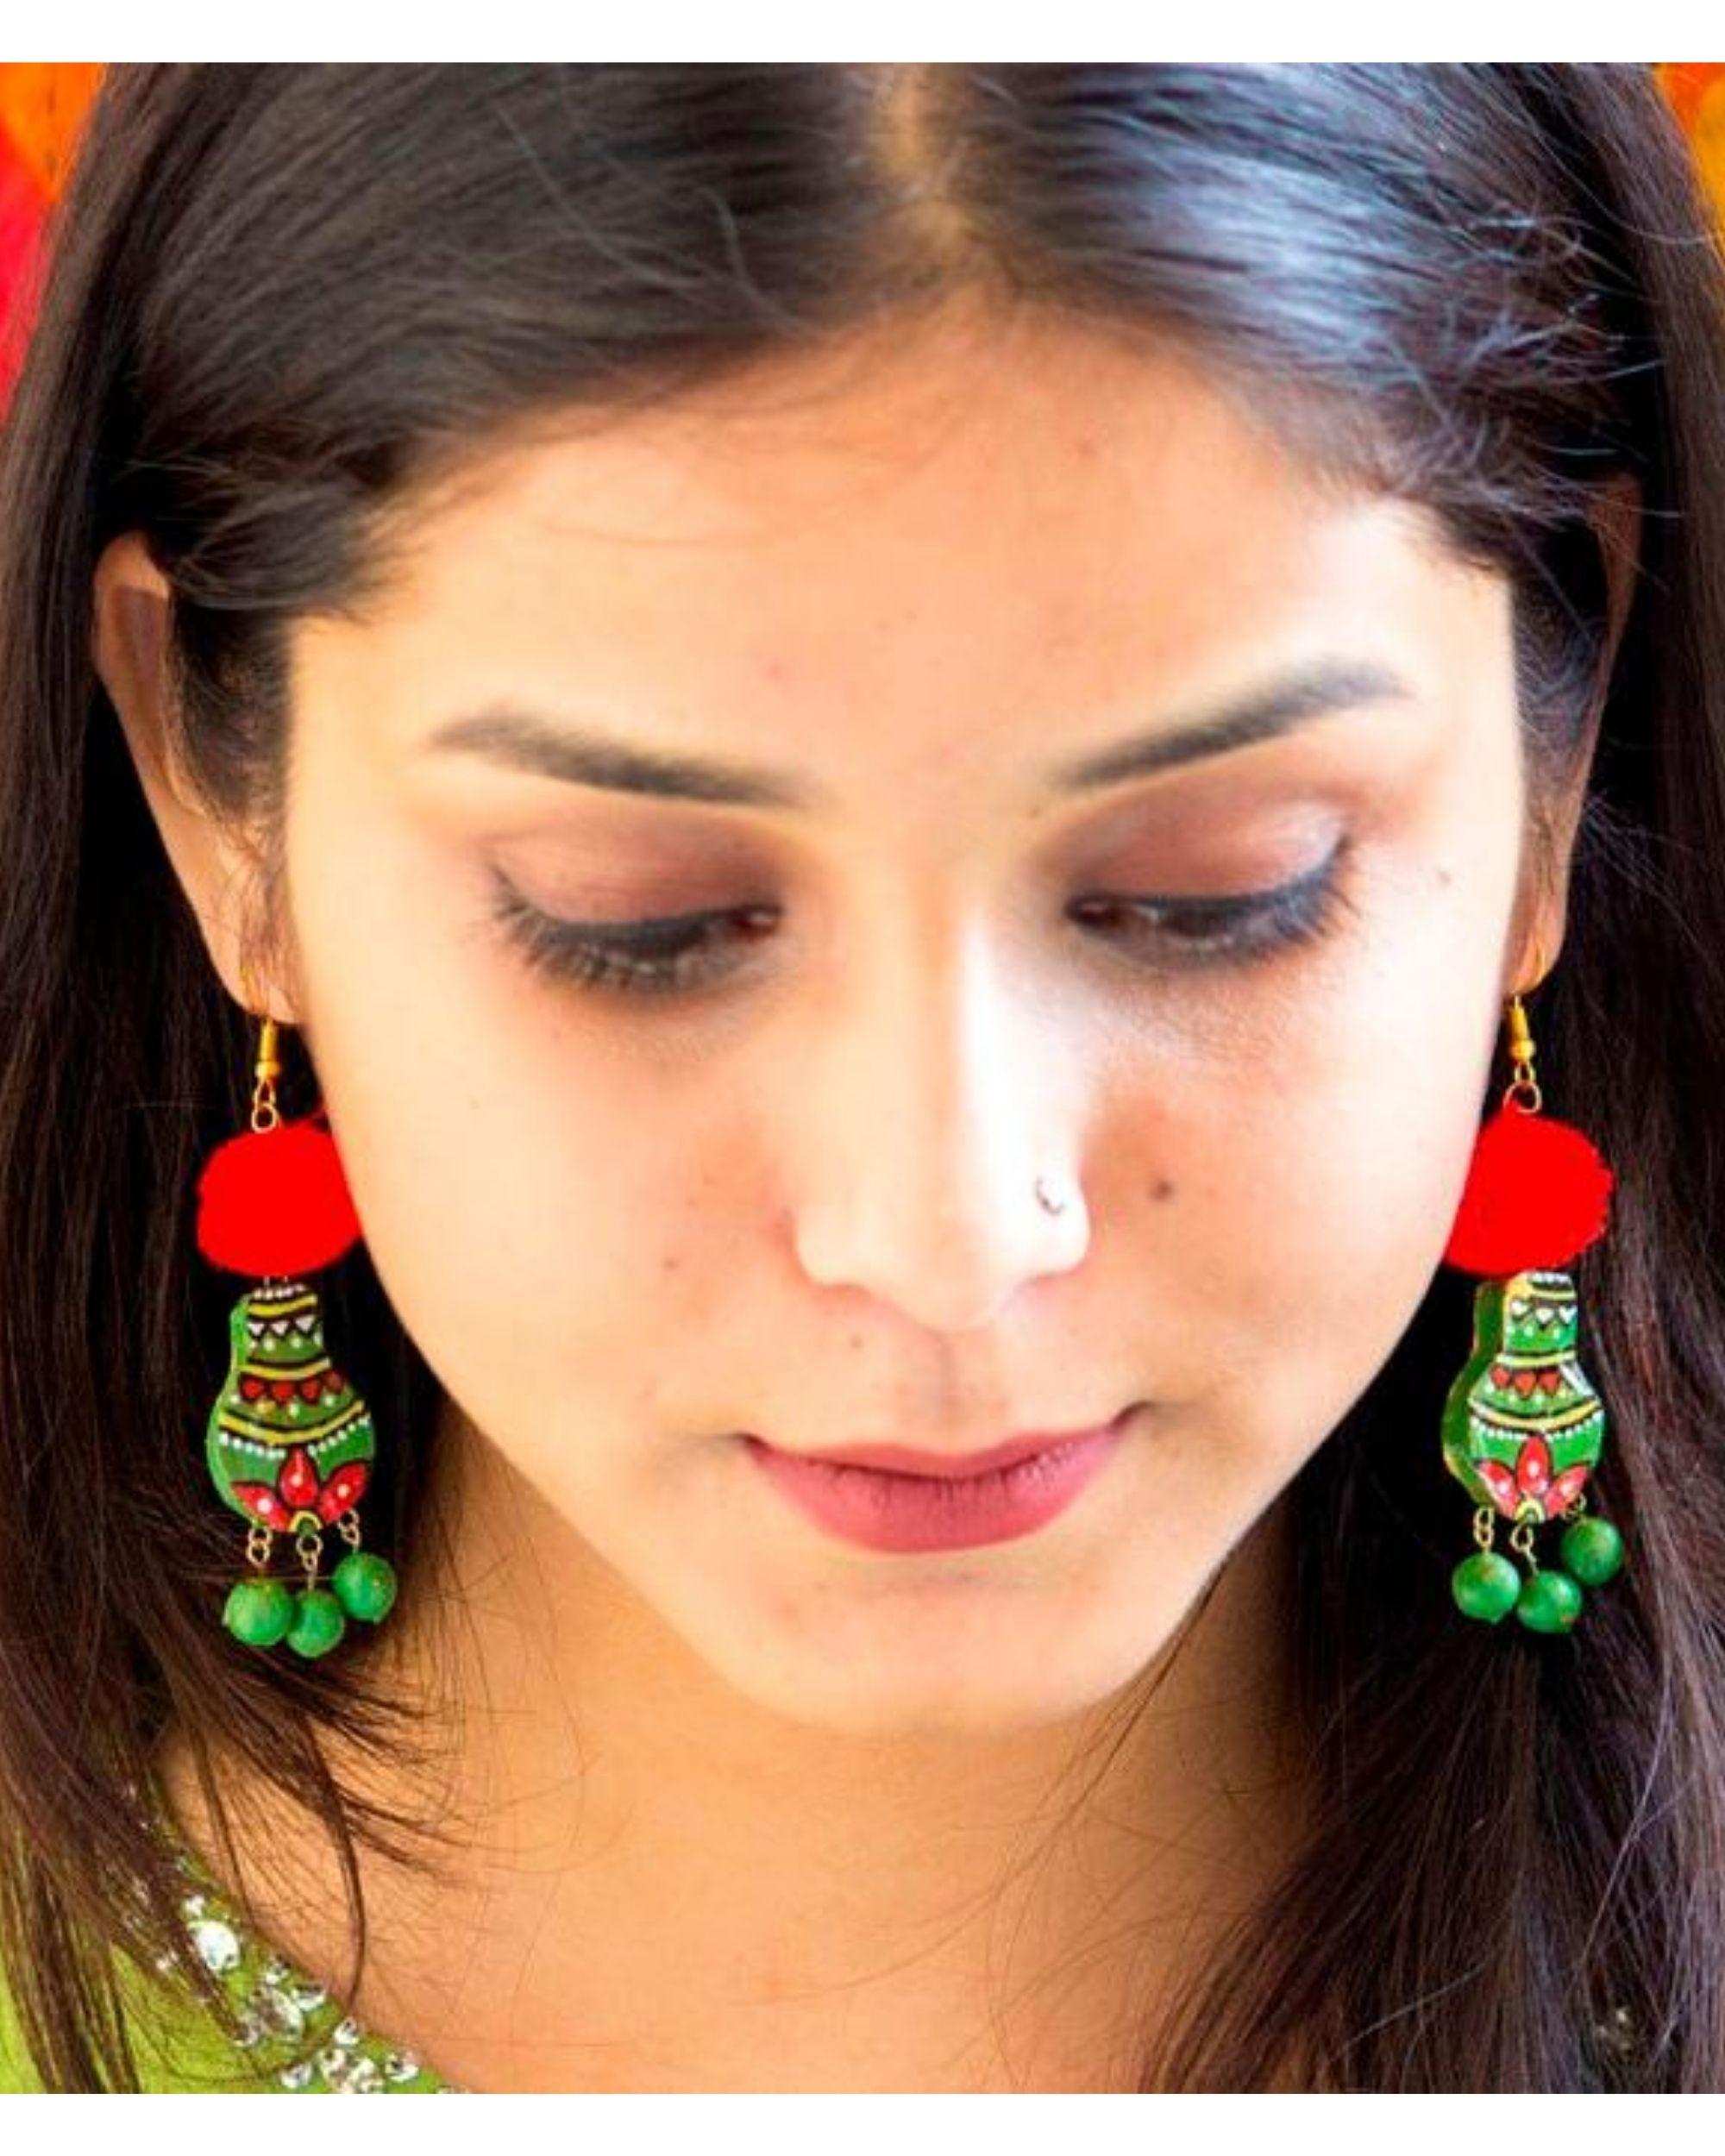 Green matki terracotta dangler earring with pom pom